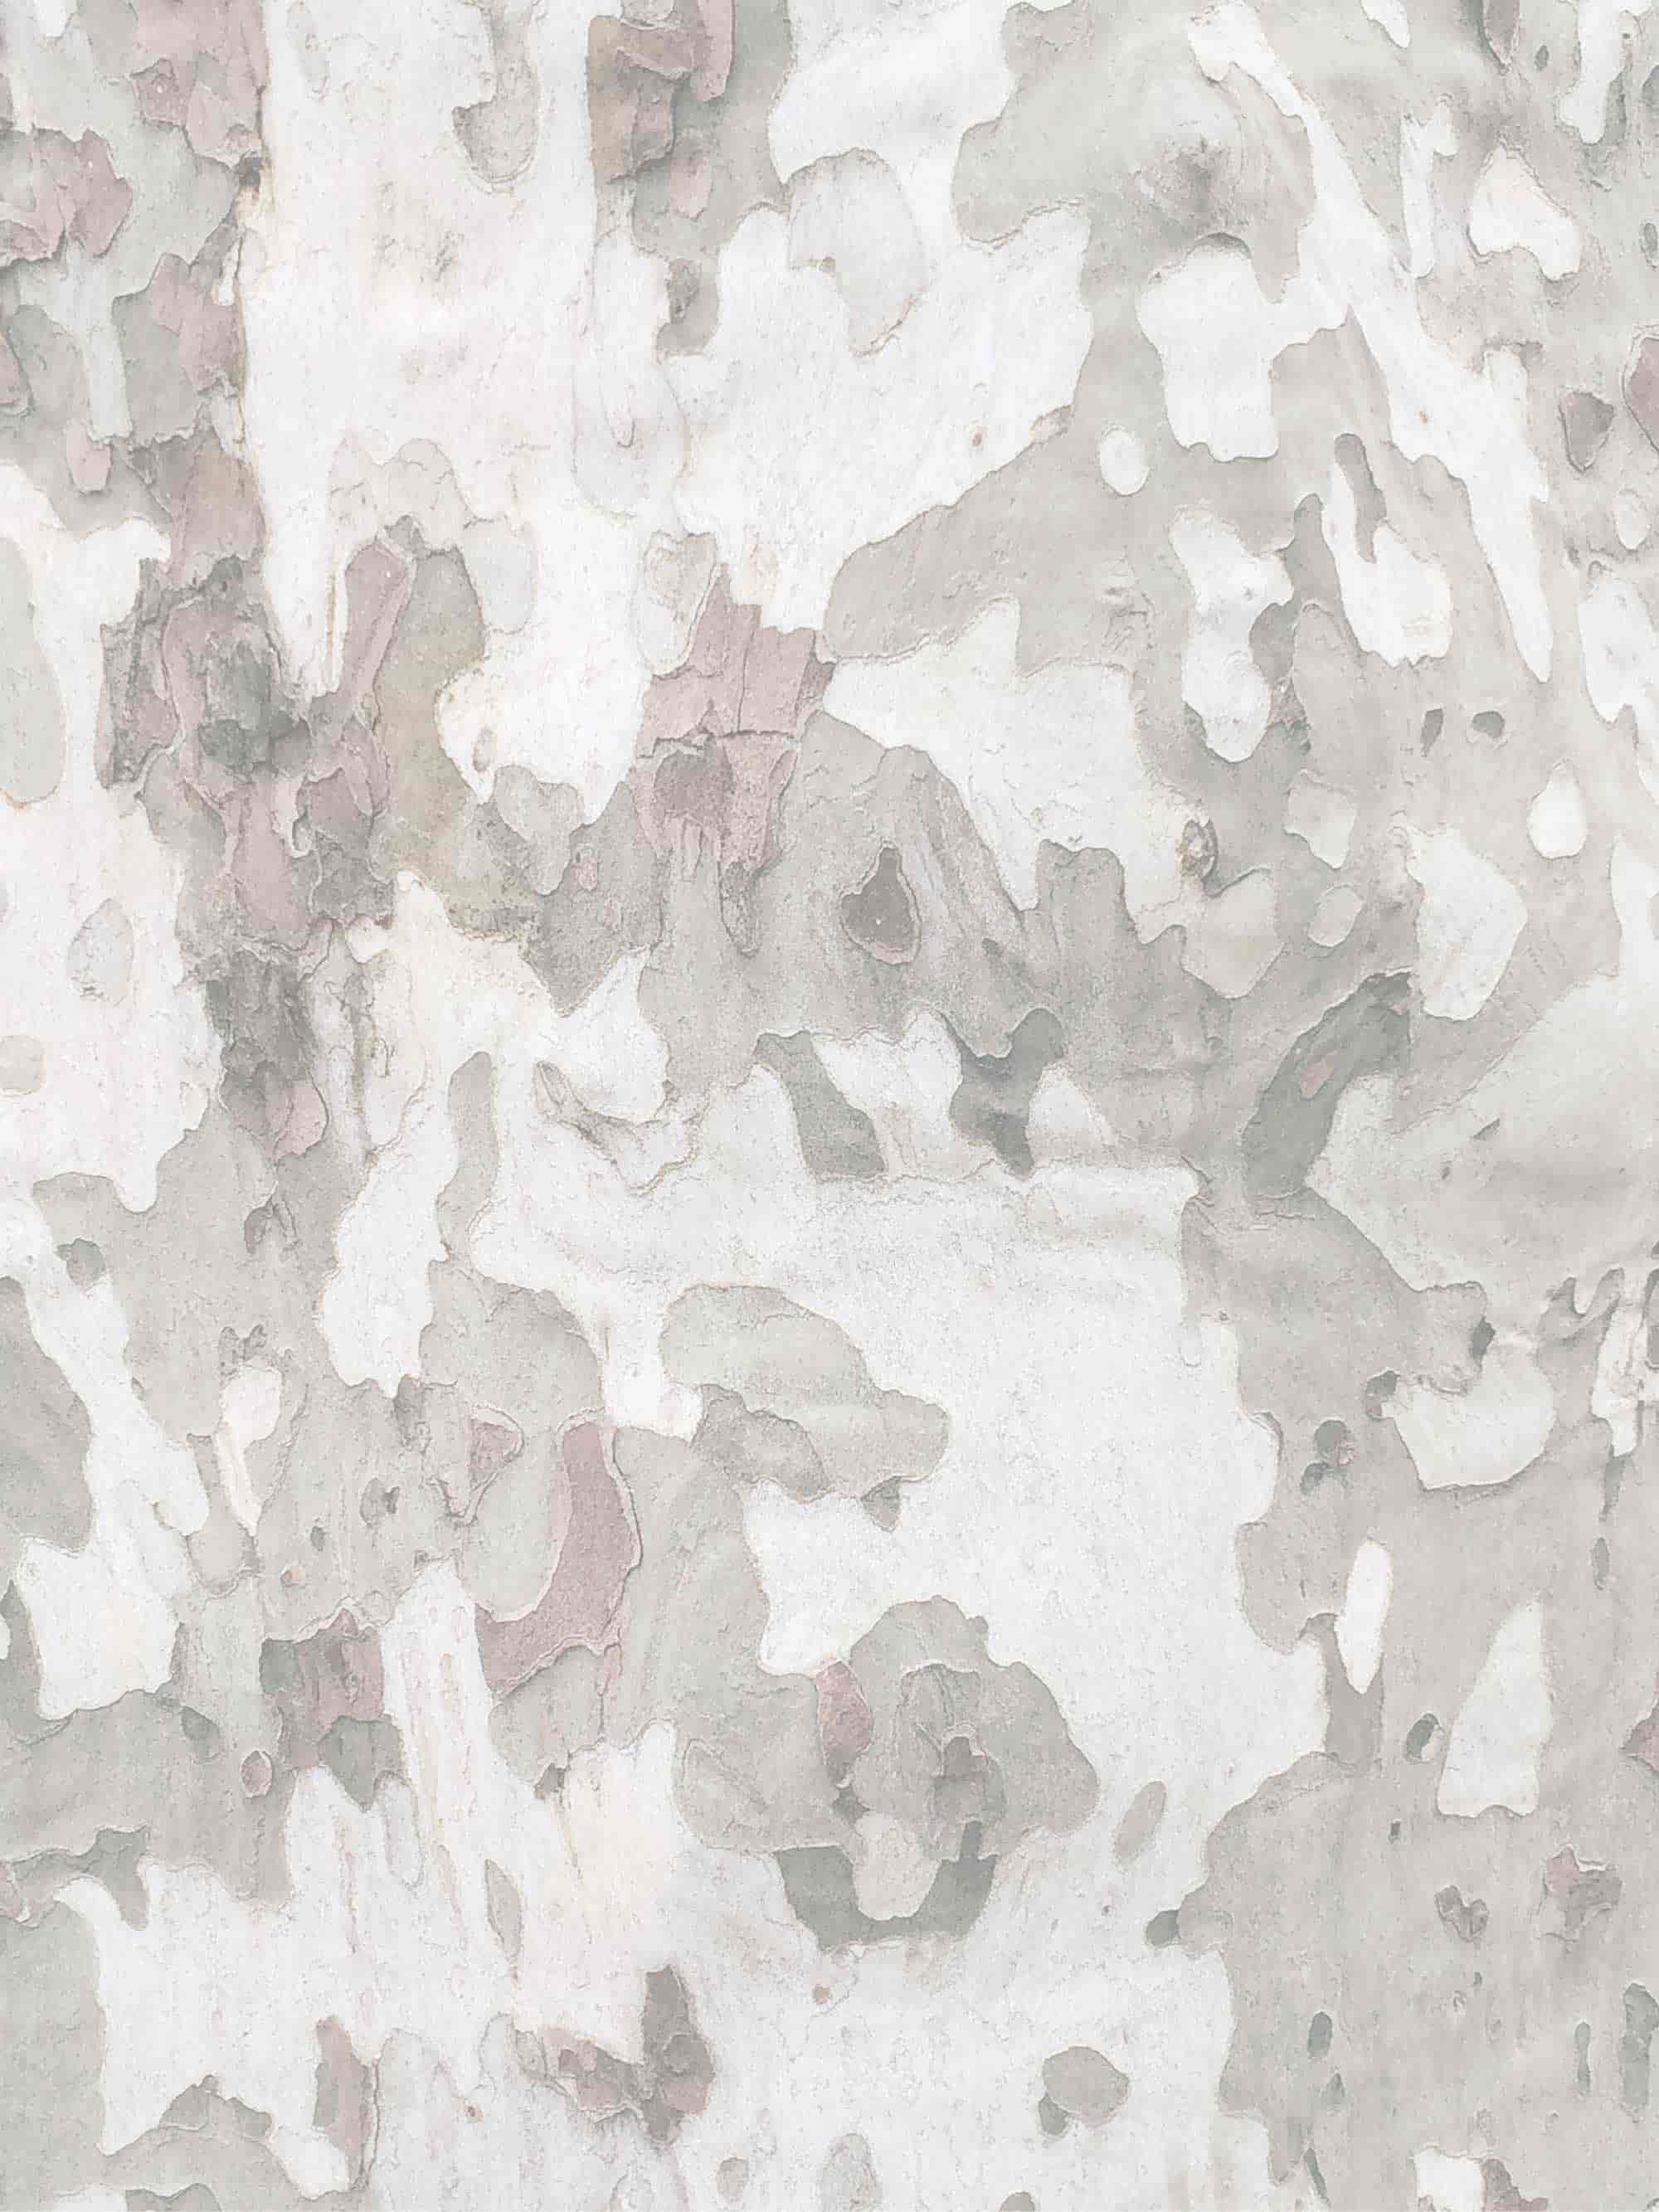 3.3x4-image-9-half-color.jpg